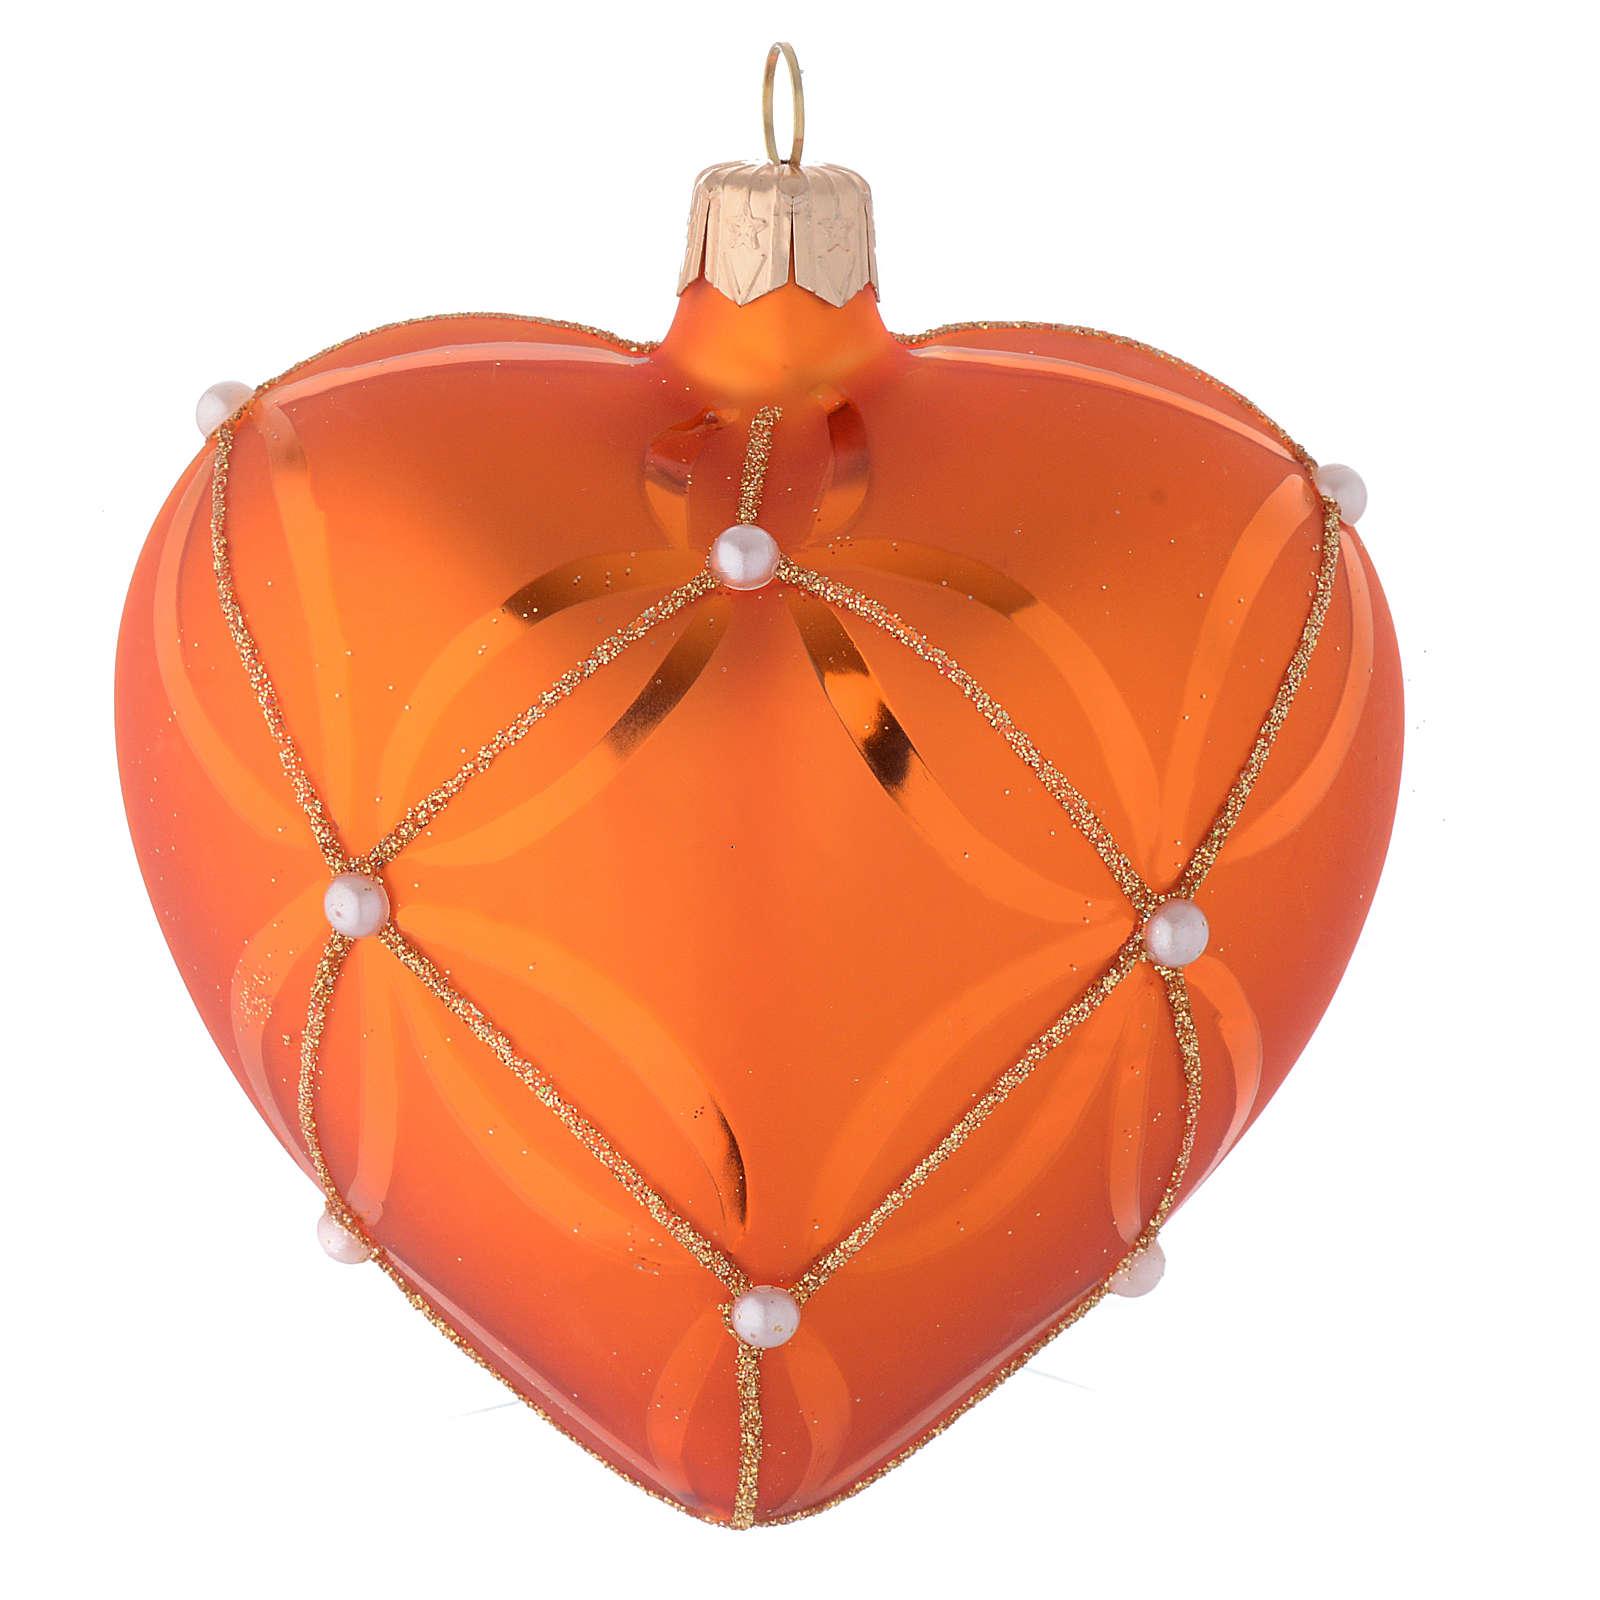 Cuore vetro soffiato arancione e oro 100 mm 4